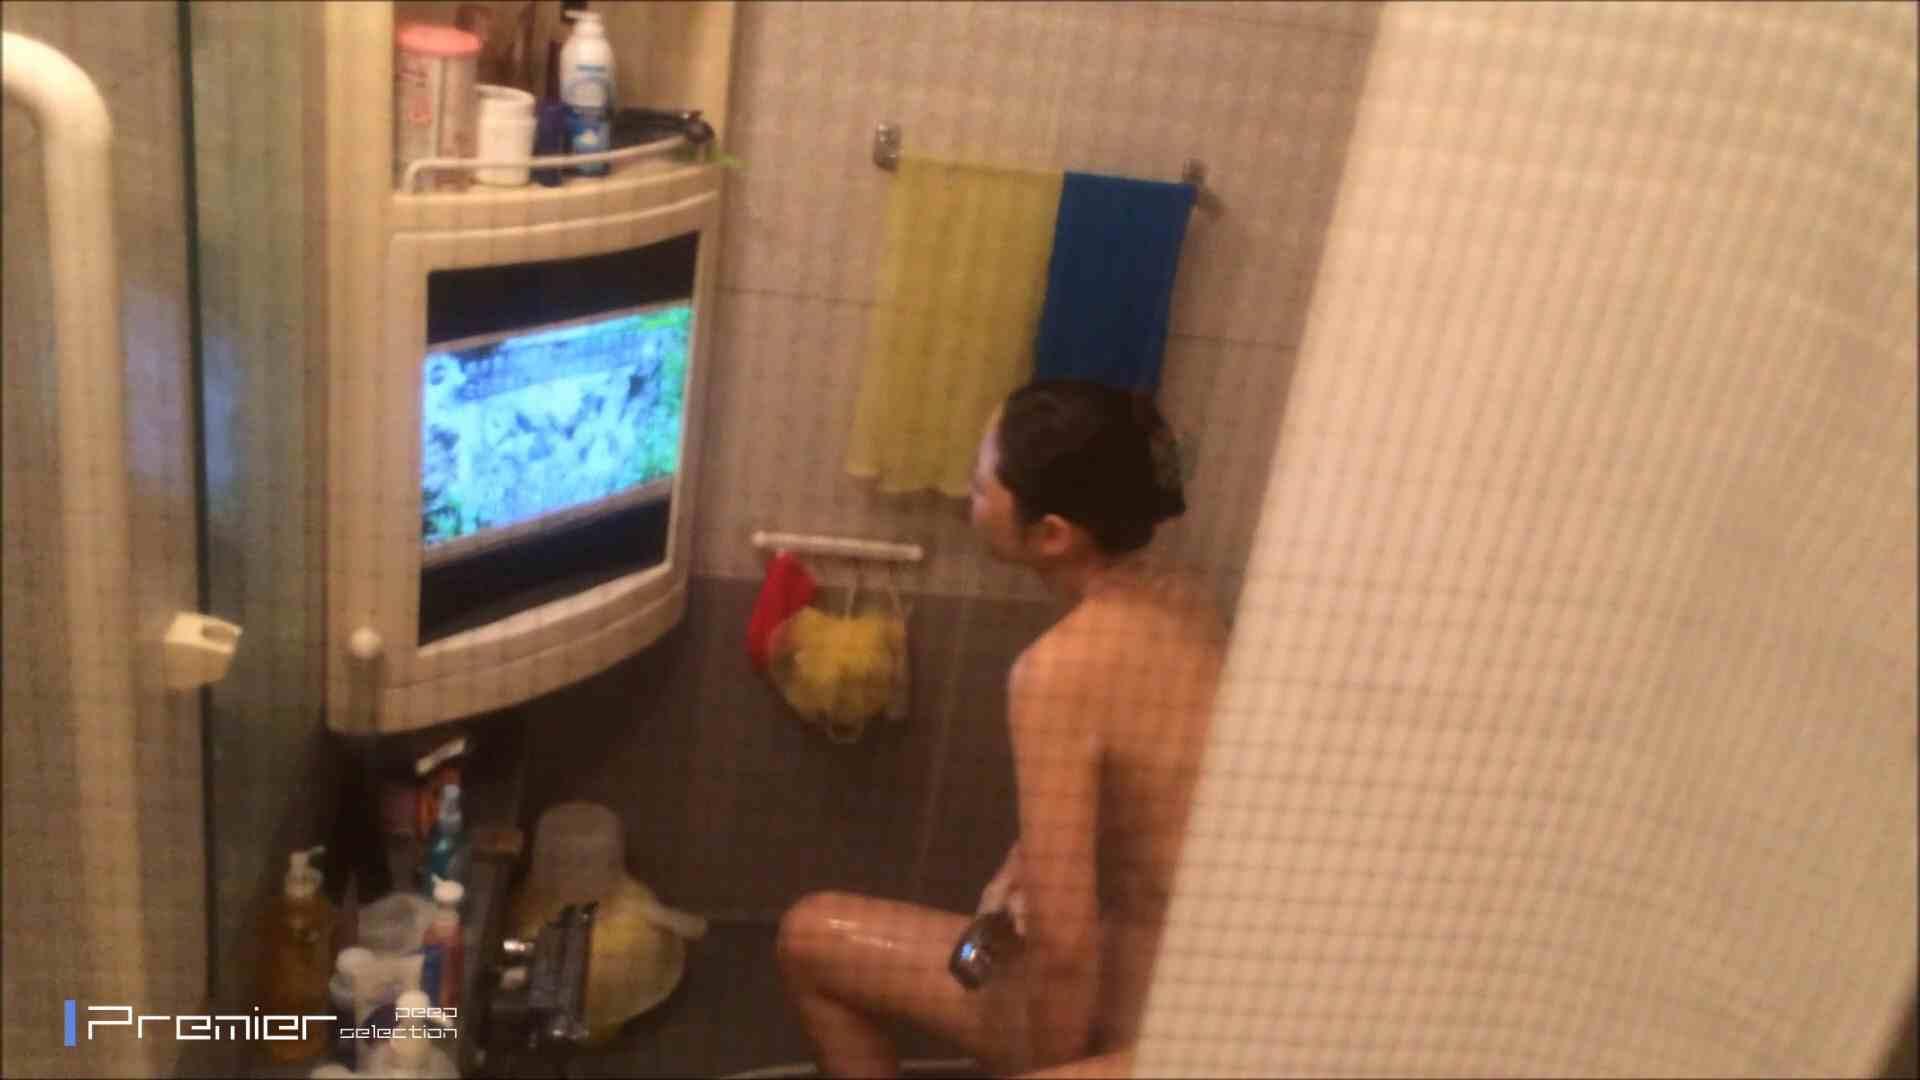 美女のテレビを見ながらの入浴 乙女の風呂場 Vol.21 美女 AV無料 85枚 69